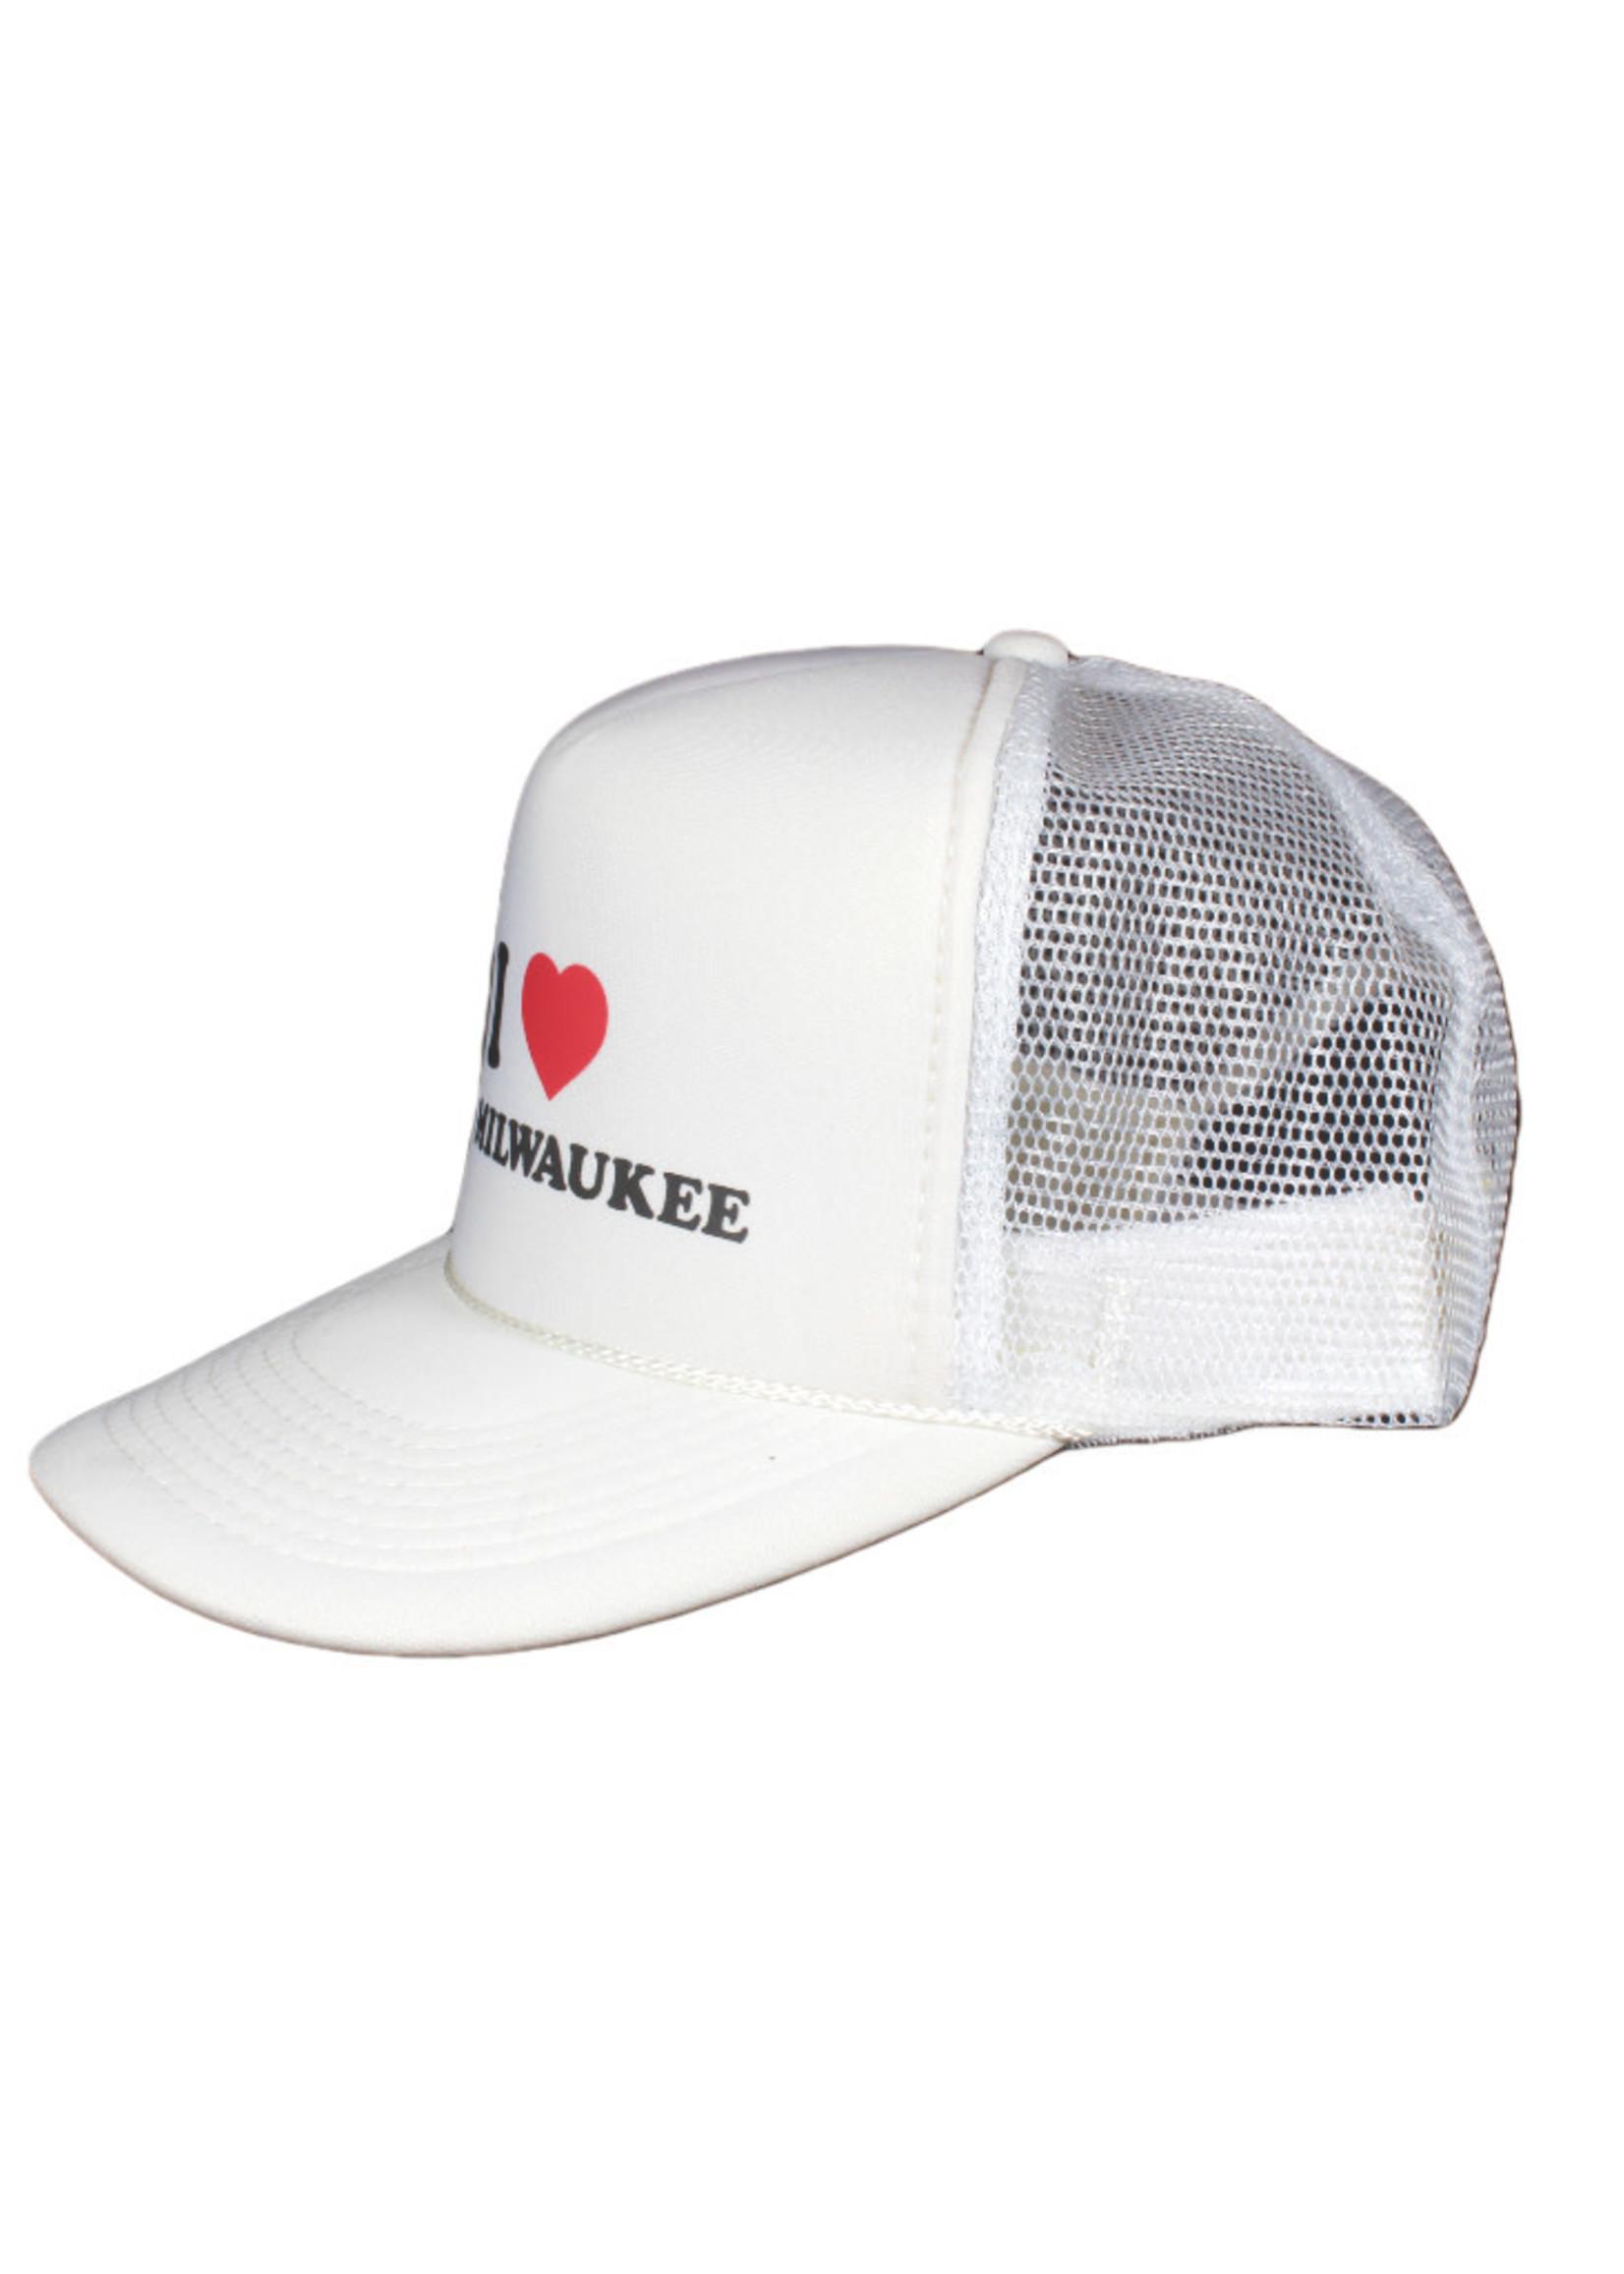 Old Milwaukee I Heart Old Milwaukee Trucker Hat